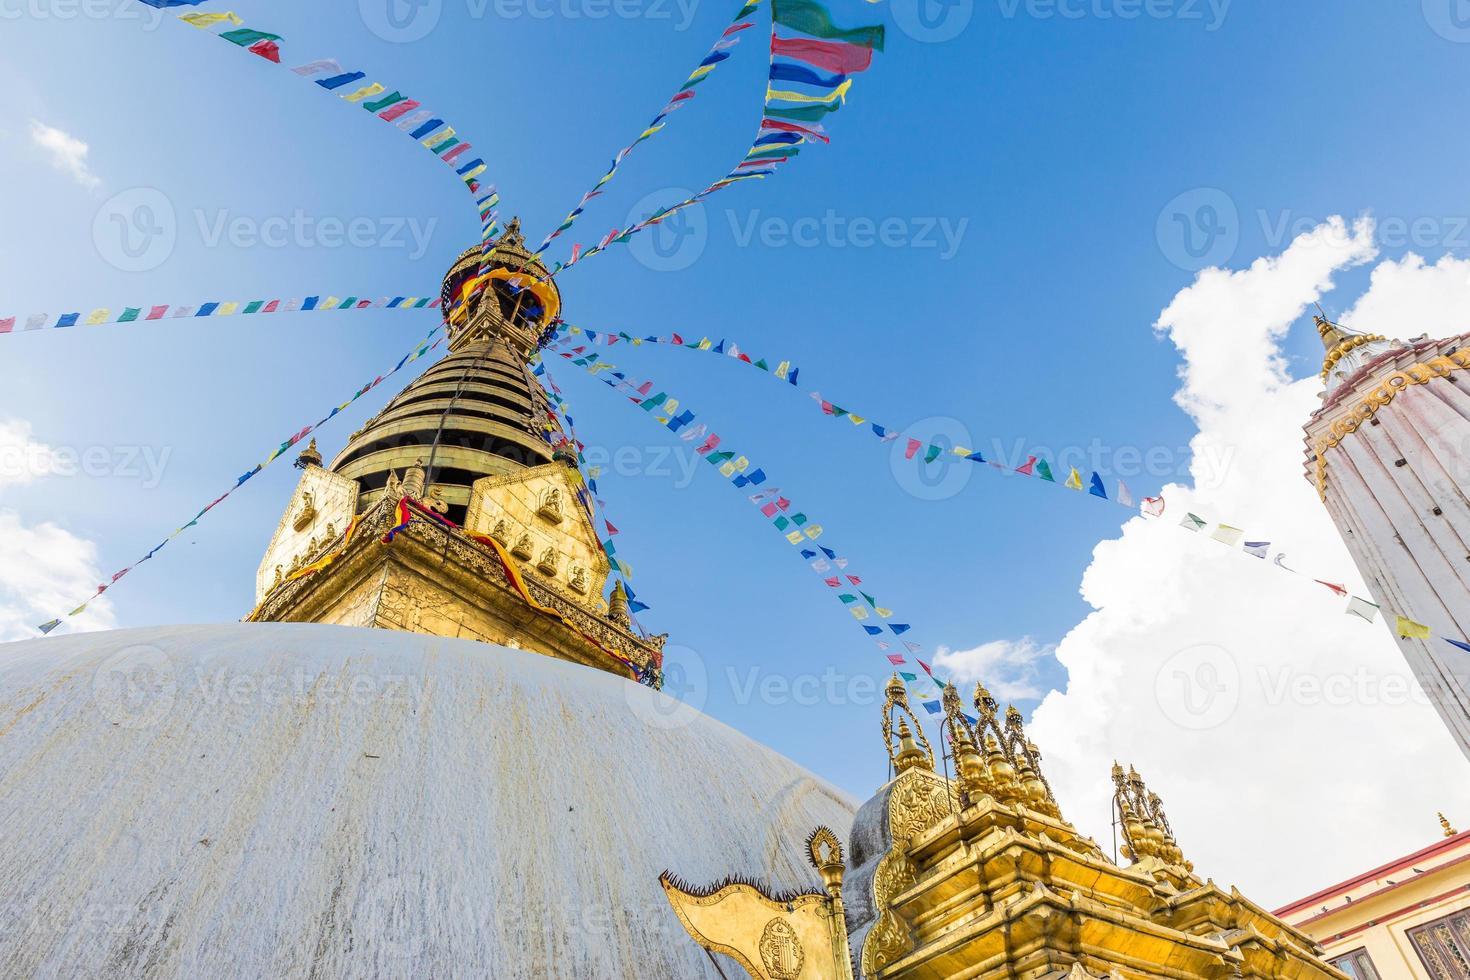 swayambhunath tempel, apen tempel kathmandu, nepal. foto